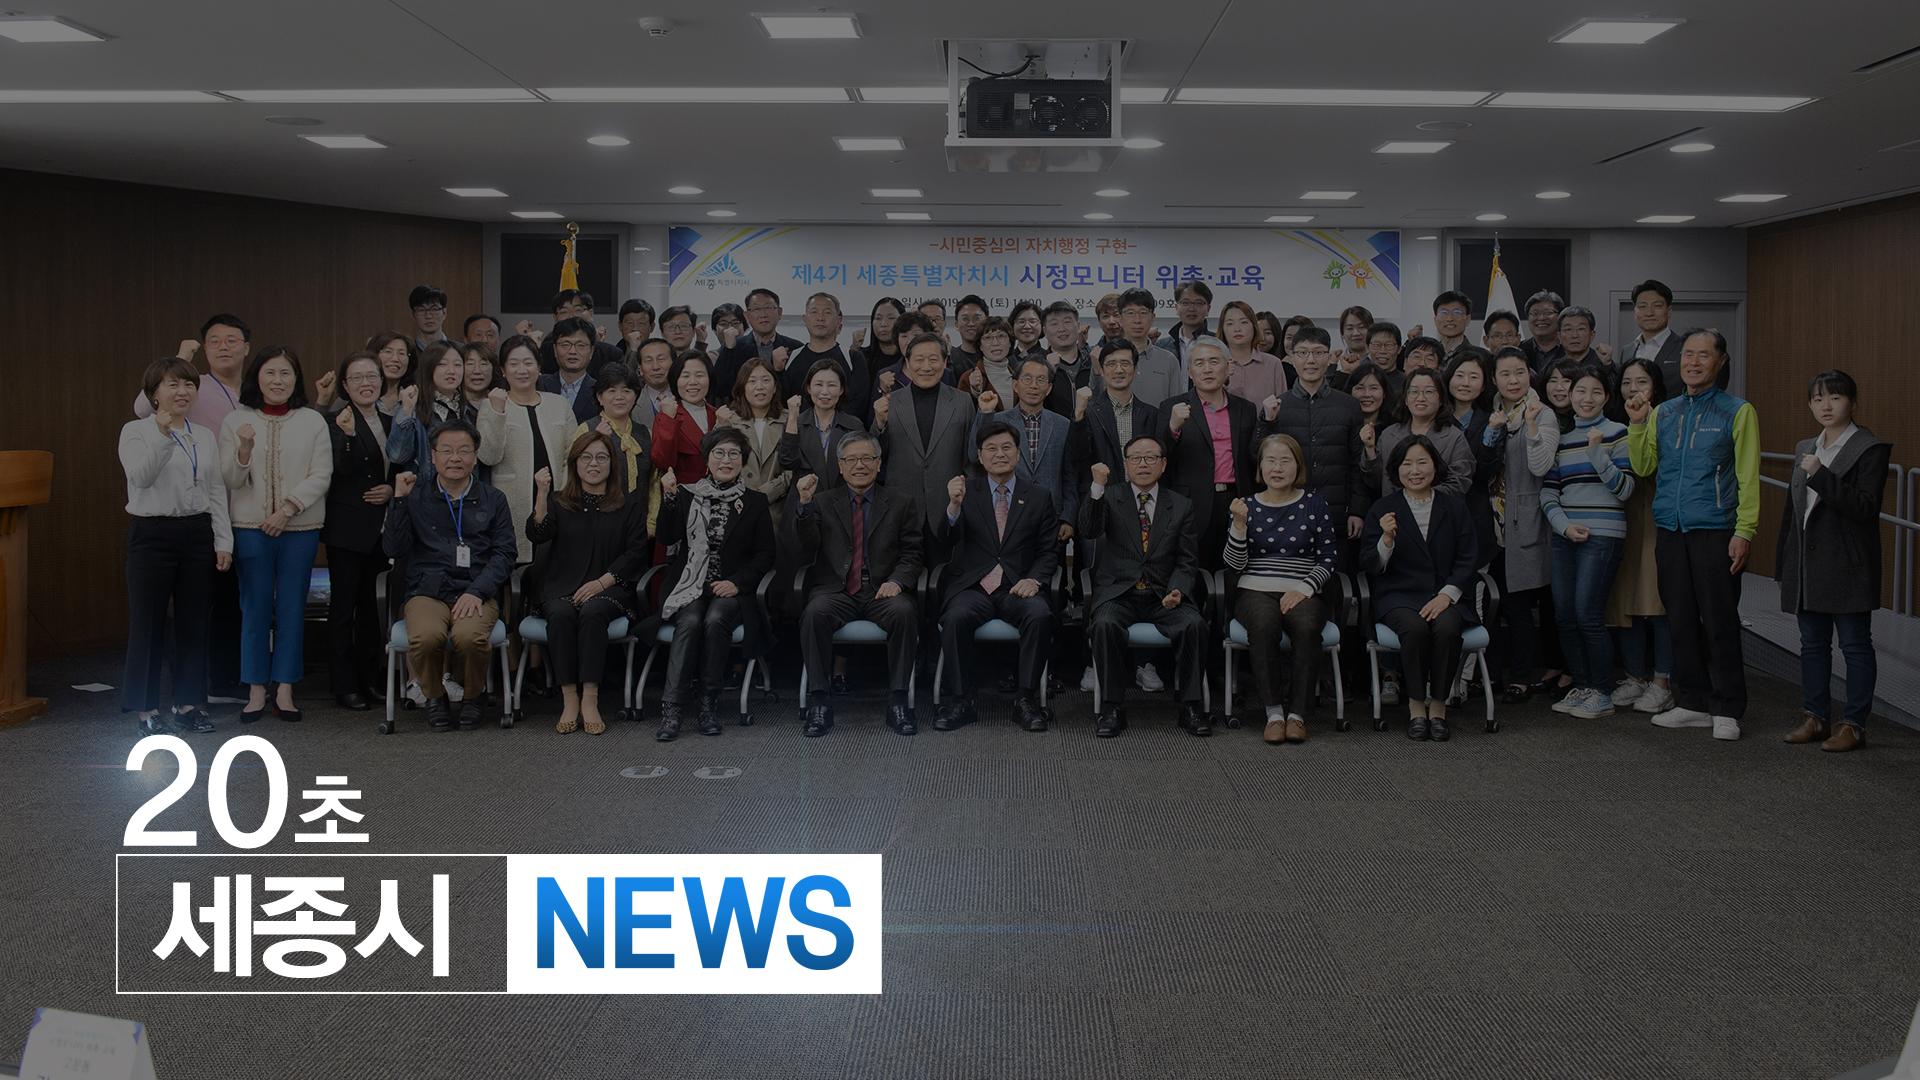 <20초뉴스> 제4기 세종특별자치시 시정모니터단 발족